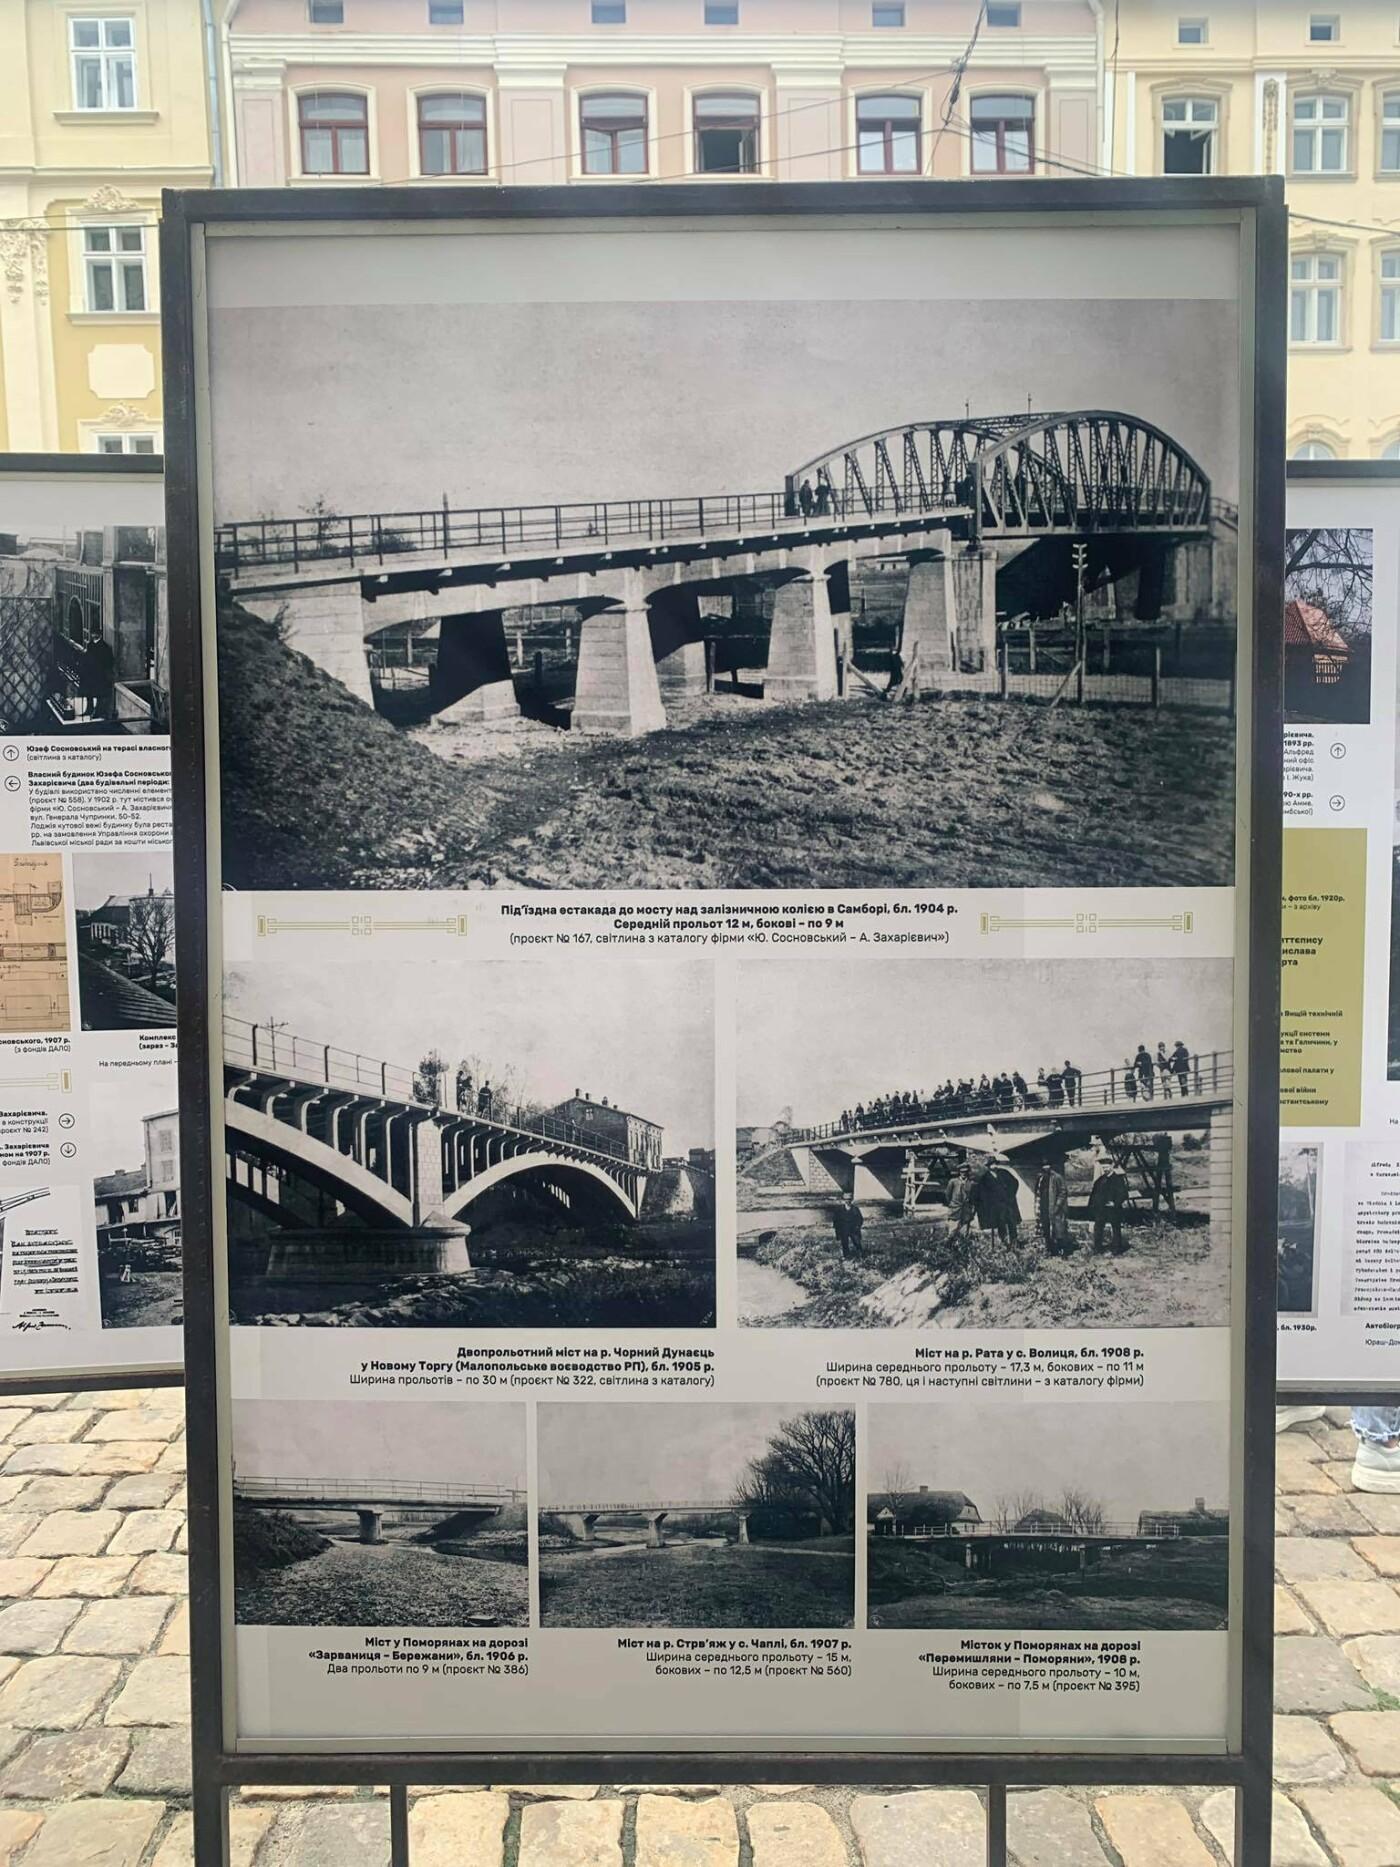 Експозиція присвячена роботі архітектора Альфреда Захарієвича у Львові, Фото - 032